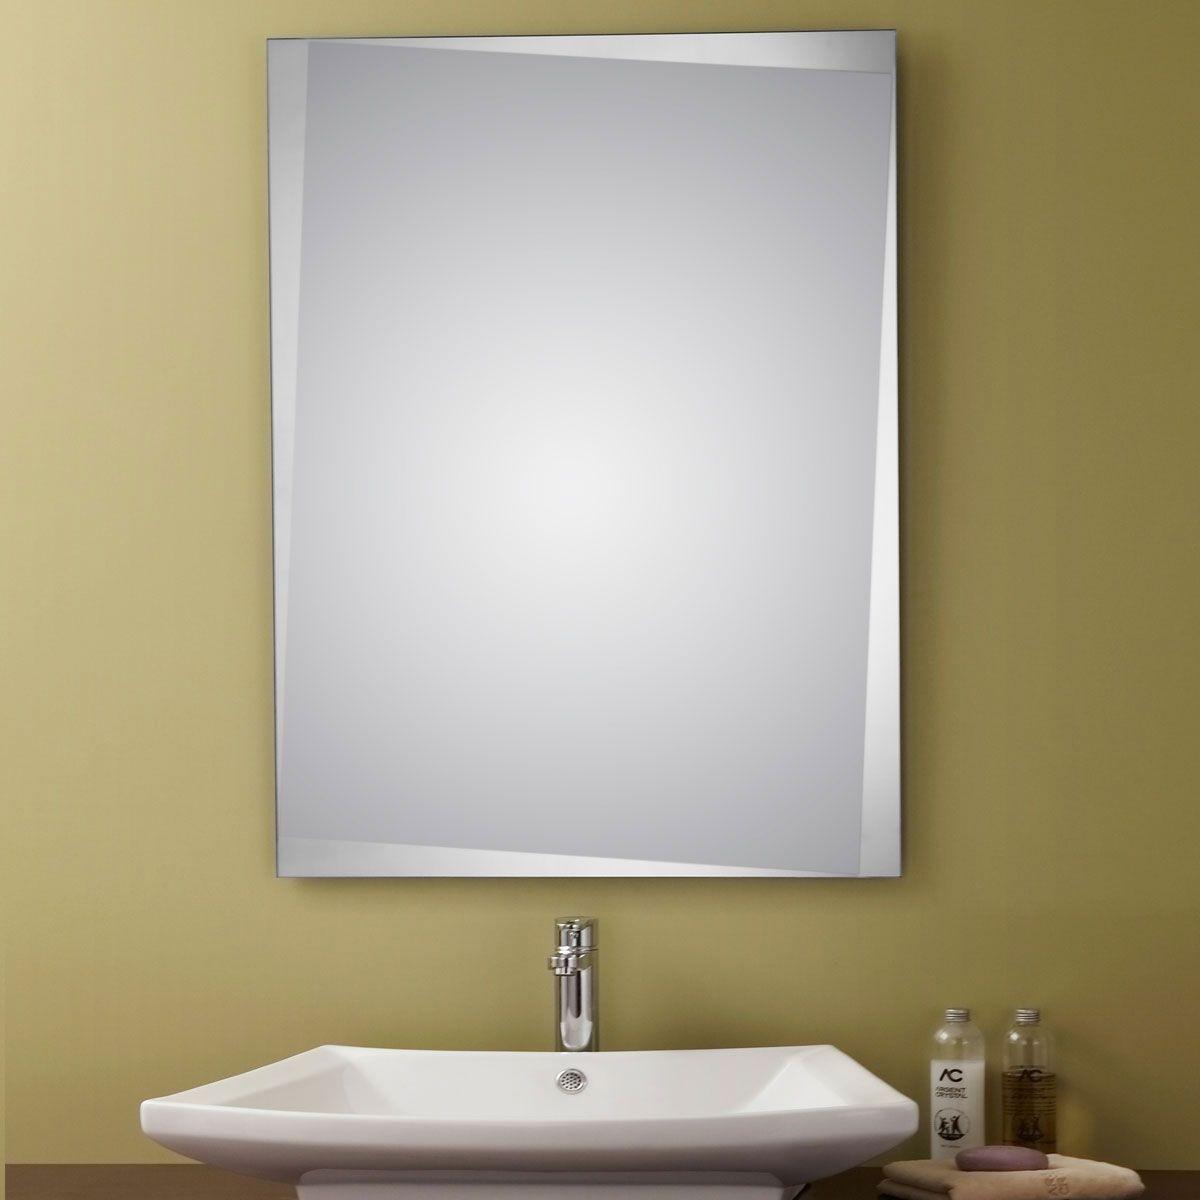 24 x 32 po miroir argent sans cadre de salle de bains for Miroir 50x70 sans cadre